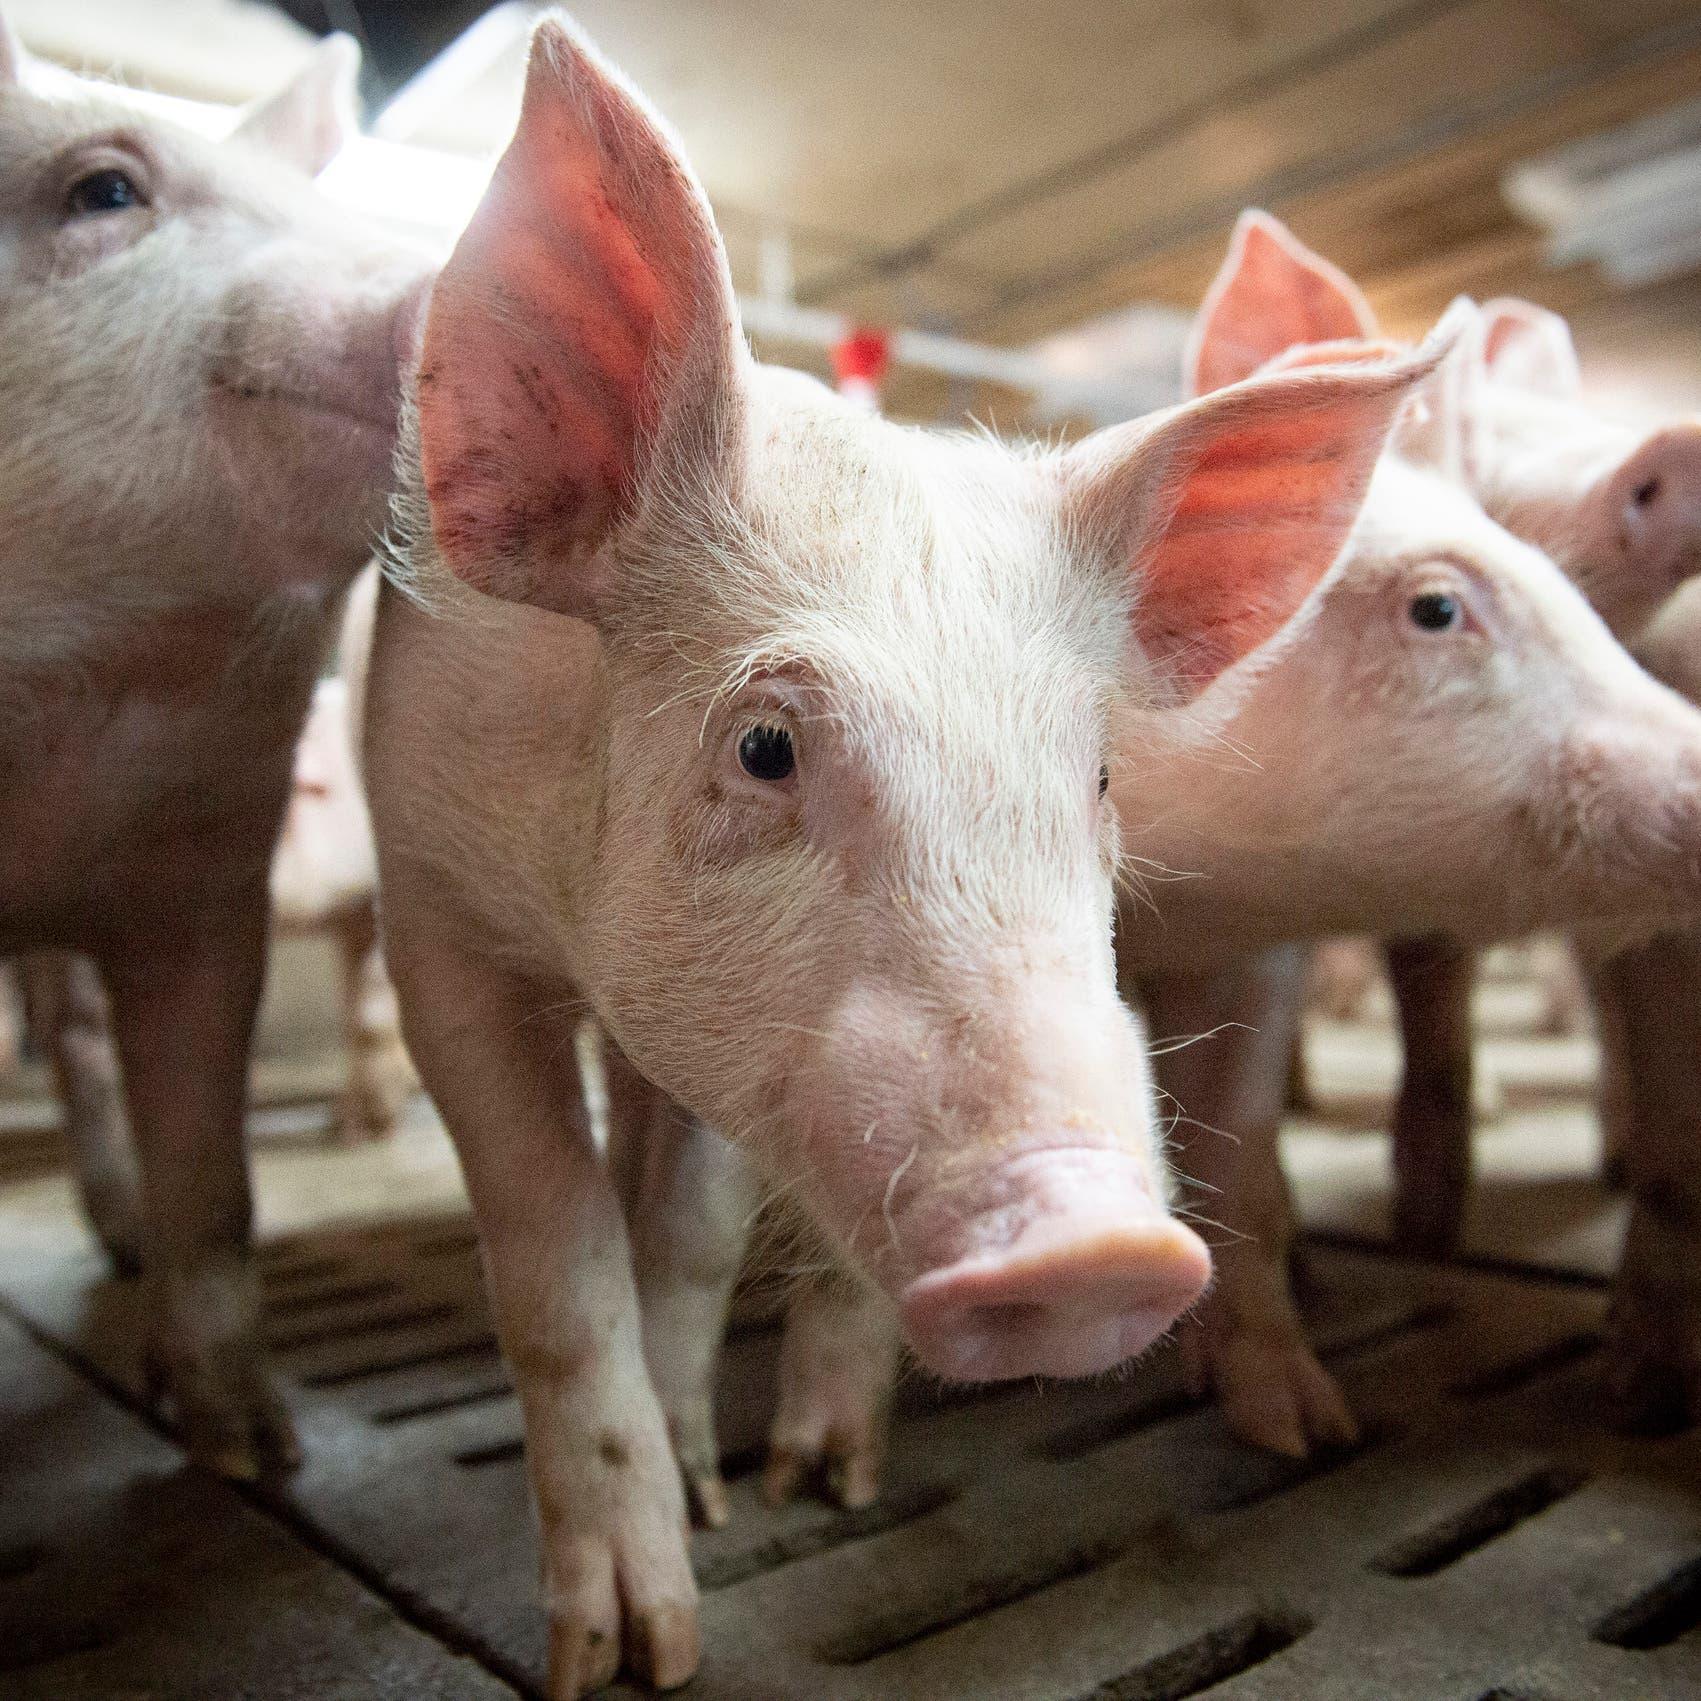 نوع نادر.. أول إصابة بين البشر بإنفلونزا الخنازير